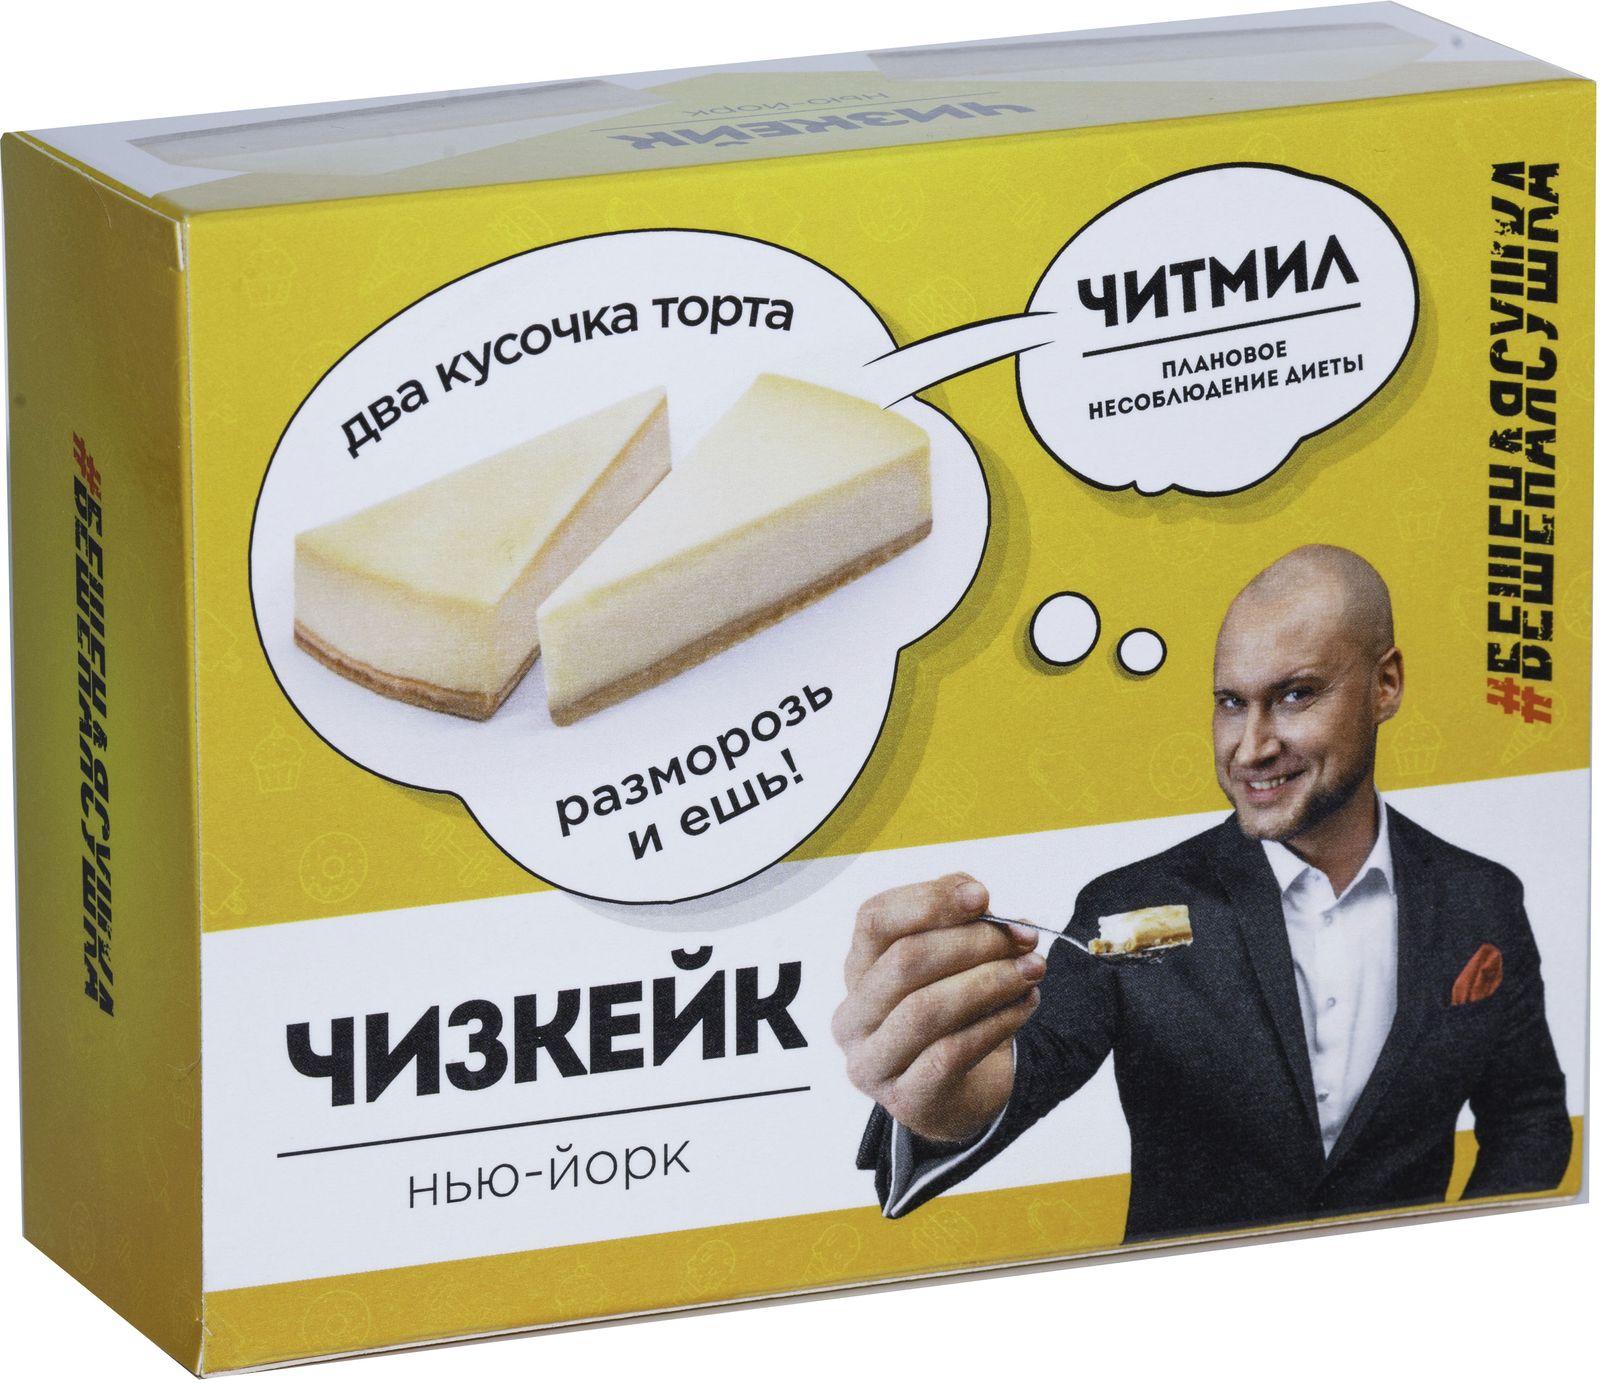 Самый известный и популярный чизкейк. Традиционный насыщенный сырный и удивительно нежный вкус. Классическое сочетание, которое никого не оставит равнодушным.